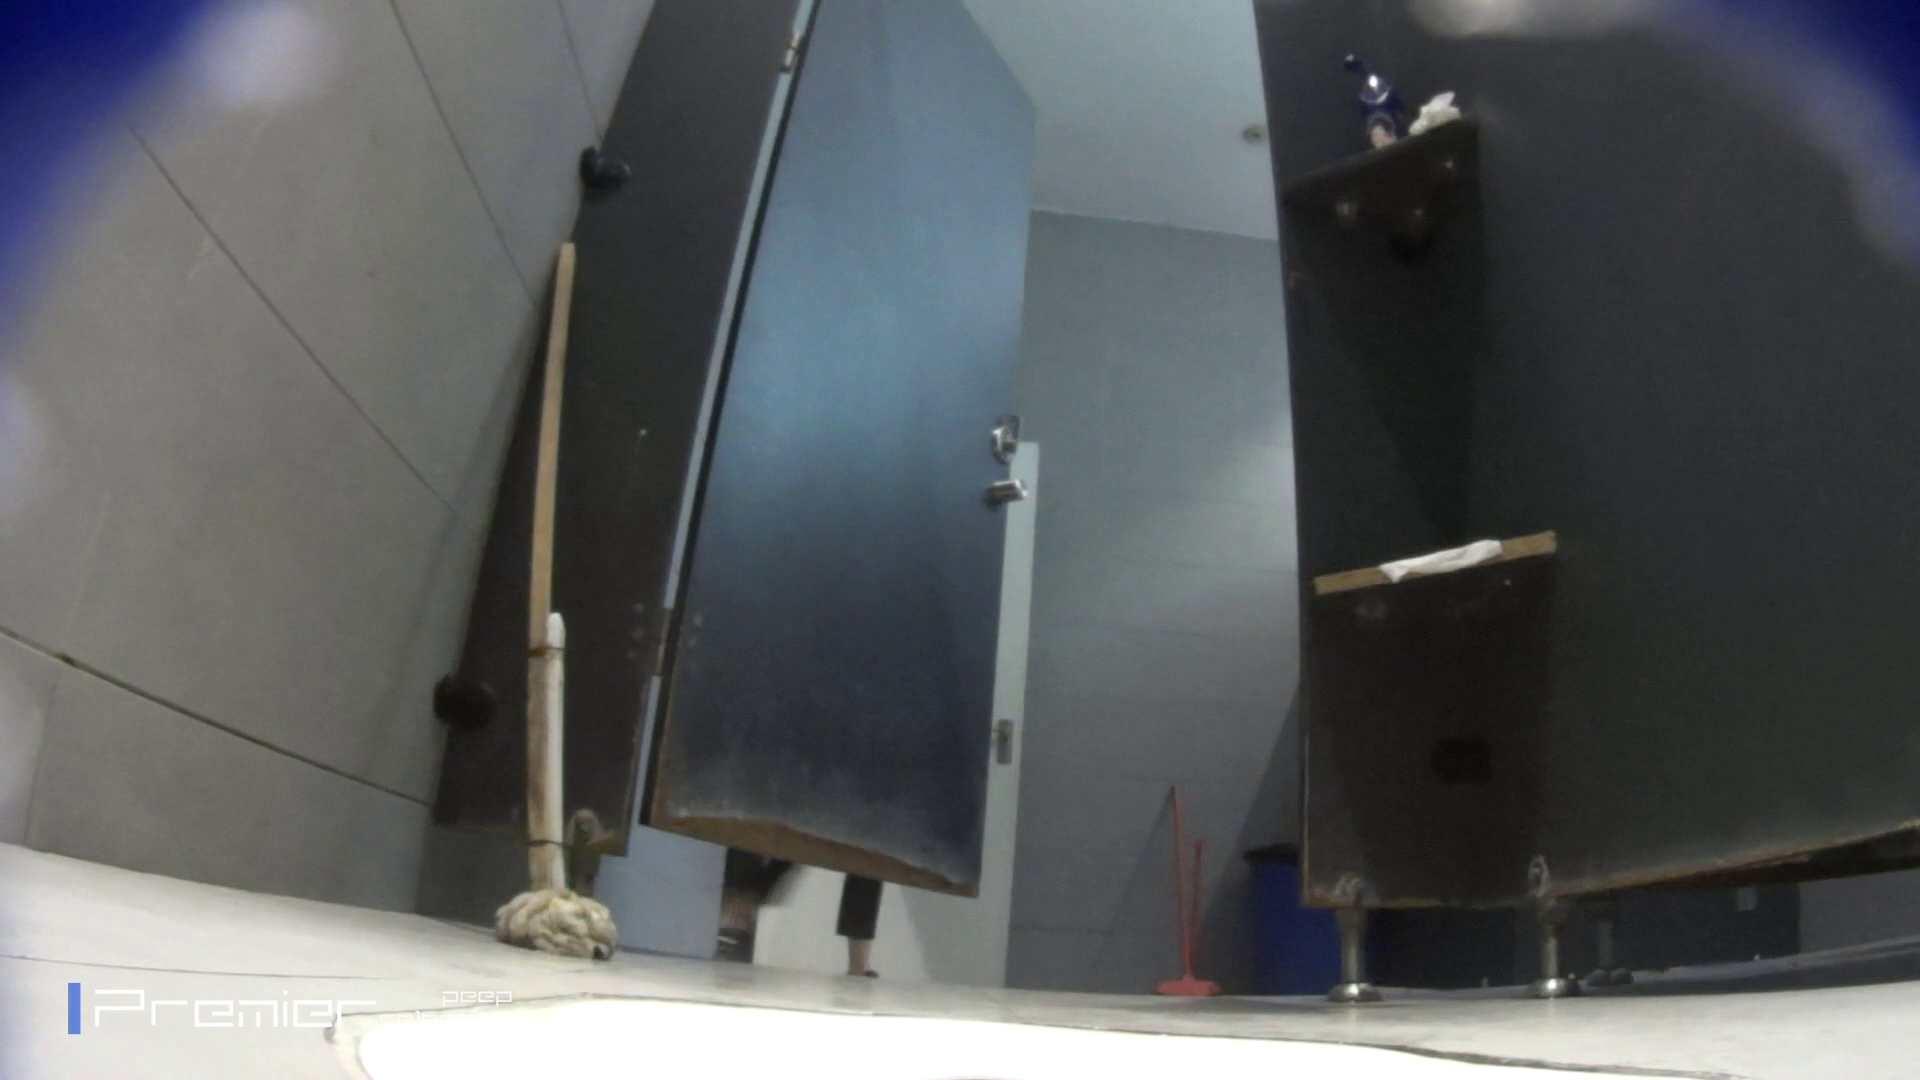 トイレットペーパーを握りしめ個室に入る乙女 大学休憩時間の洗面所事情83 盗撮 エロ画像 99pic 2